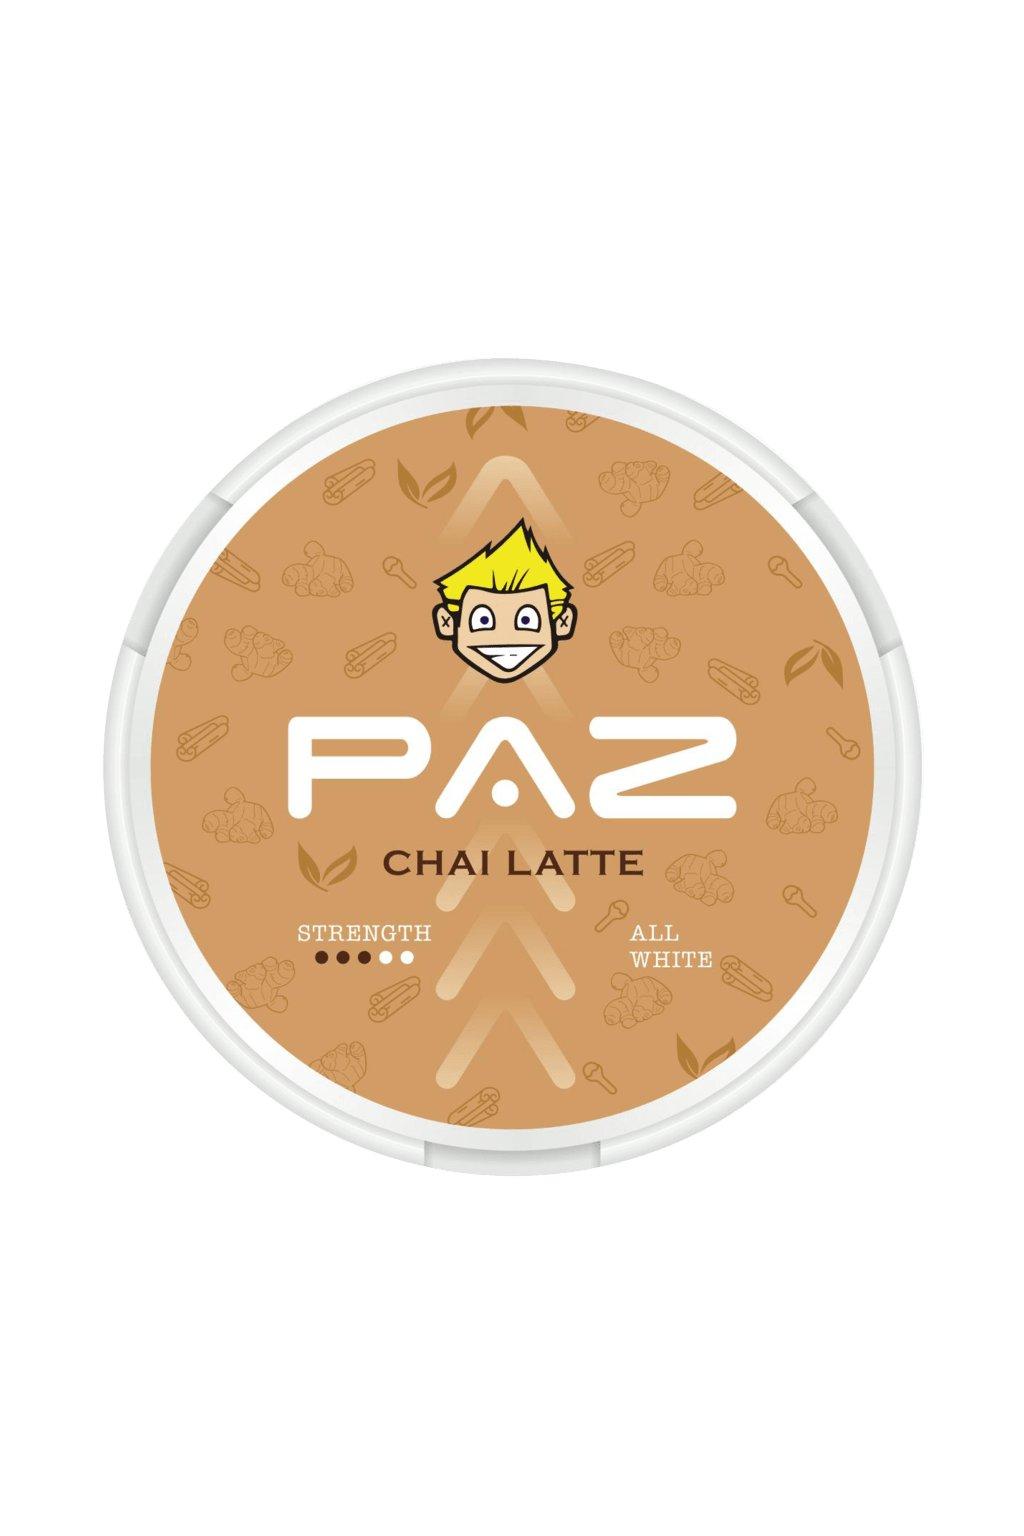 paz chai latte snubie edition nikotinove sacky nicopods